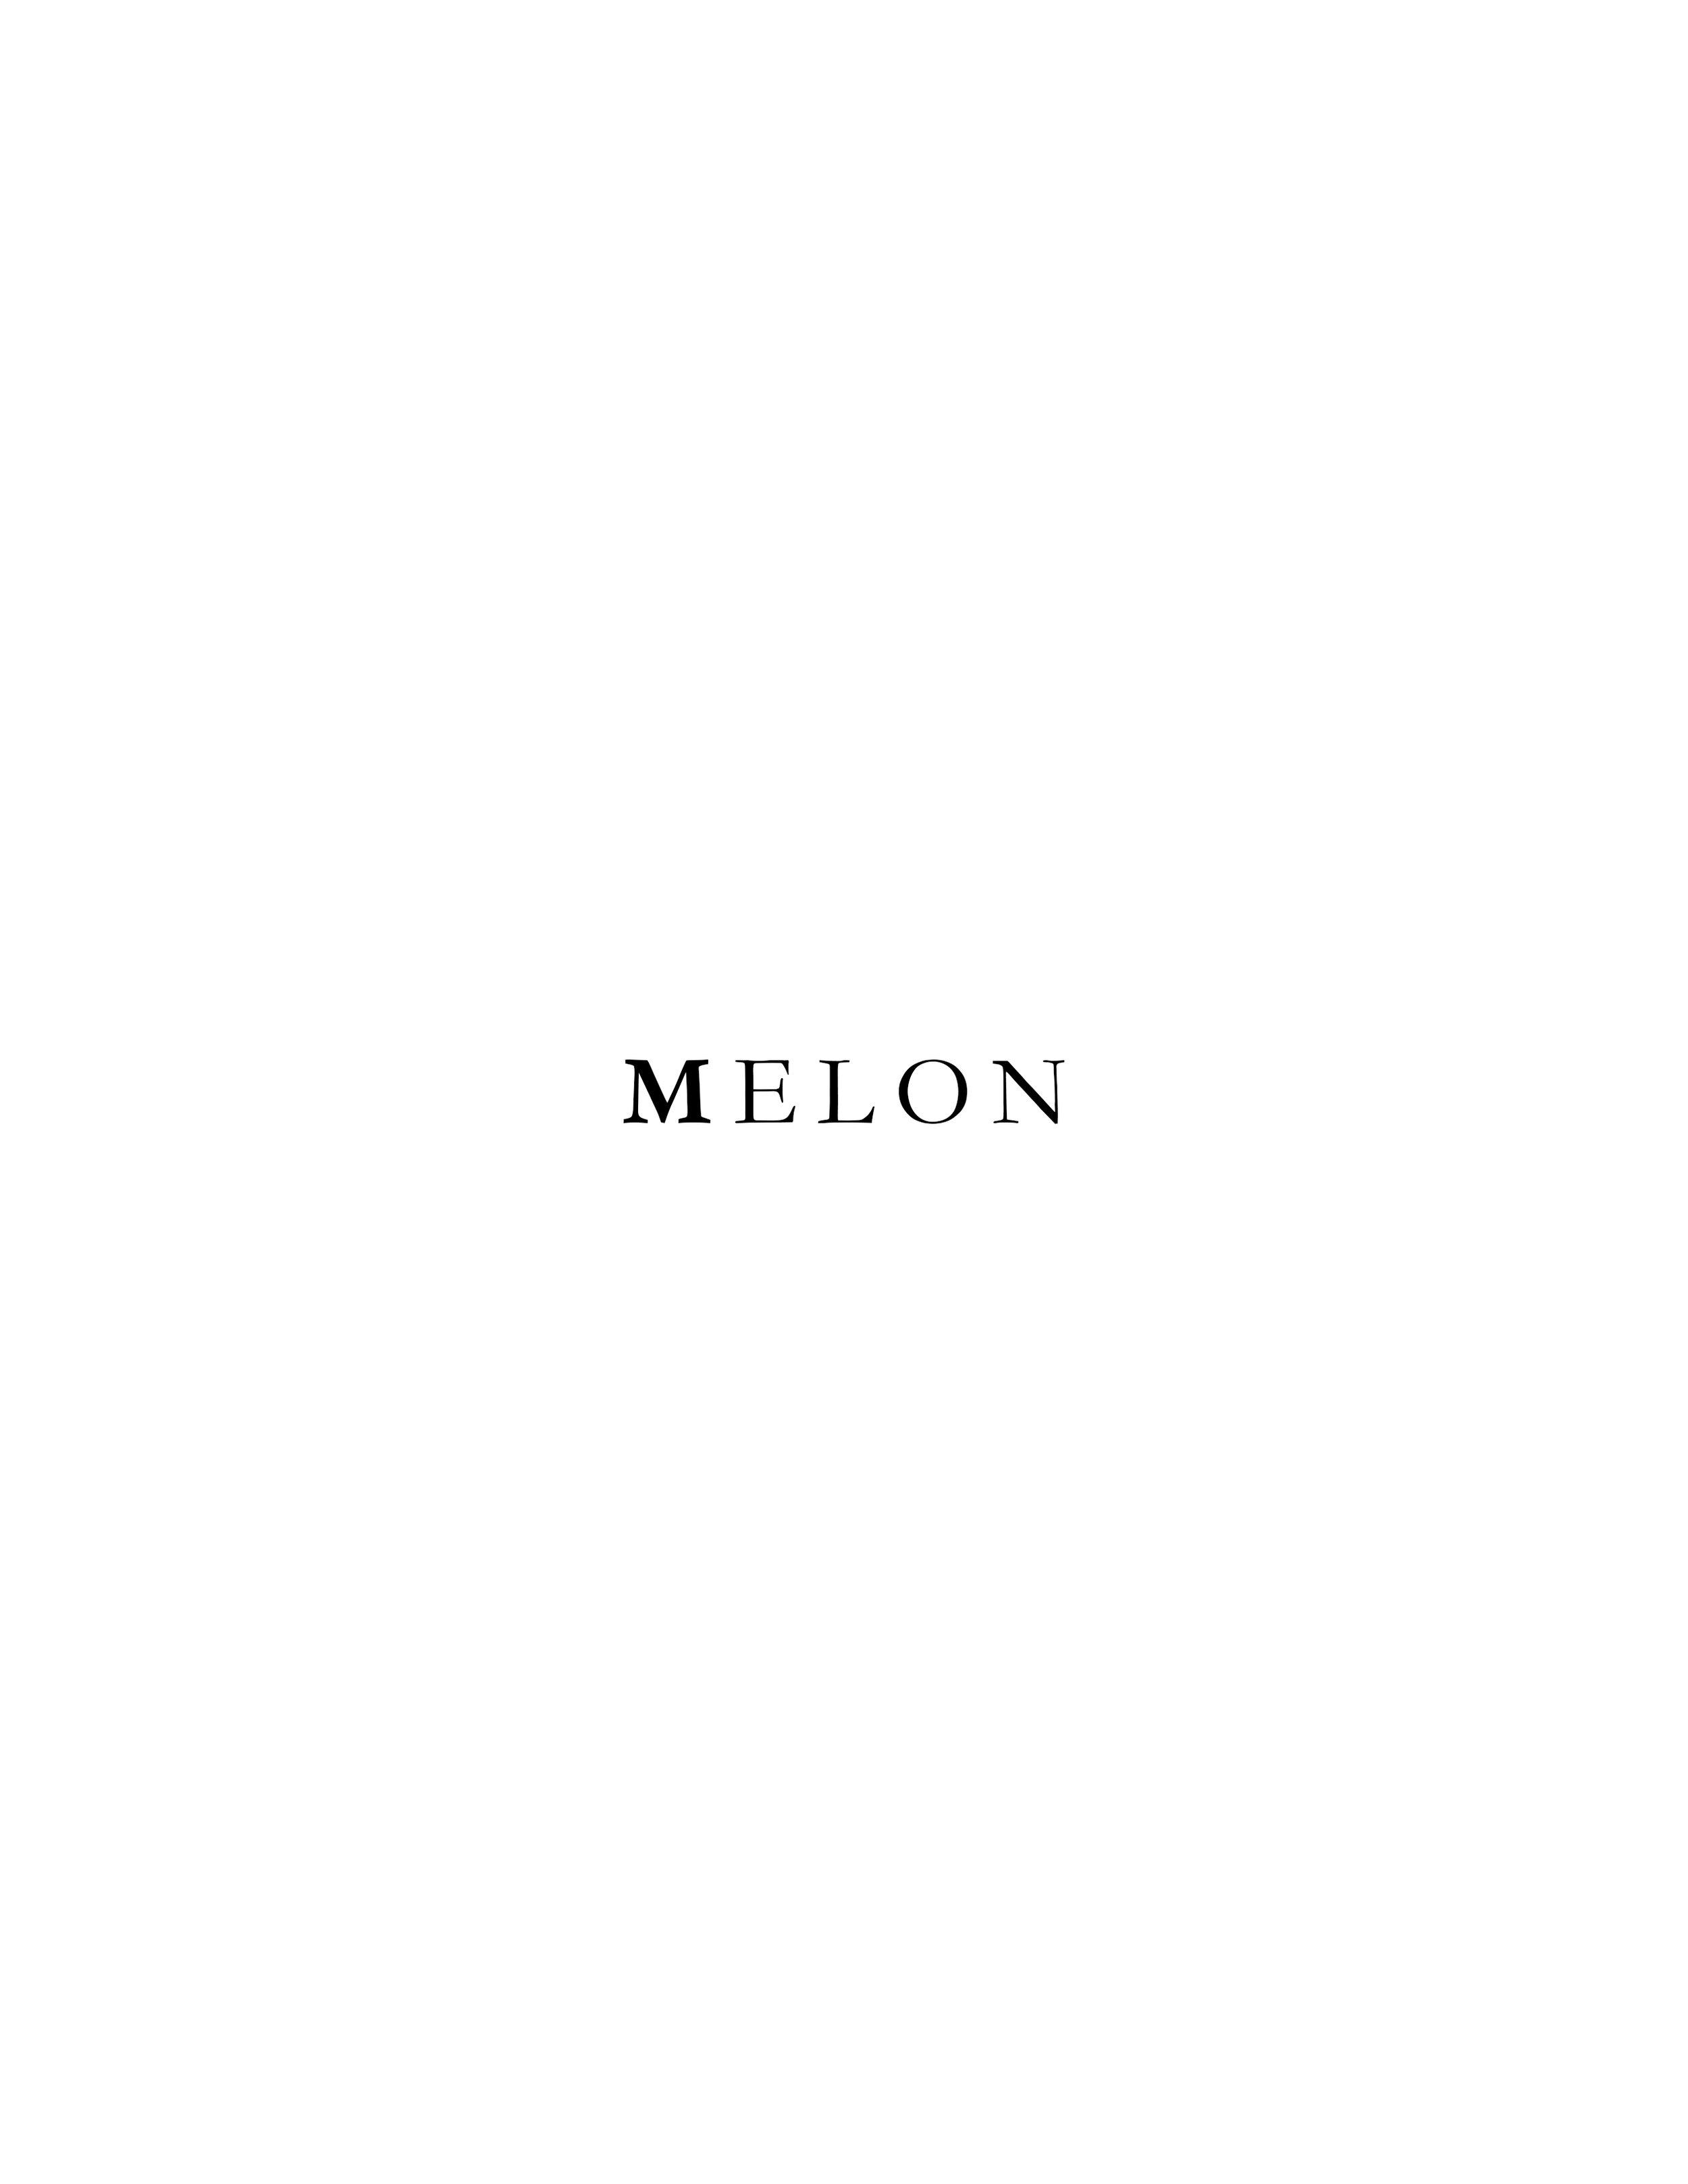 Melon Text 2.jpg